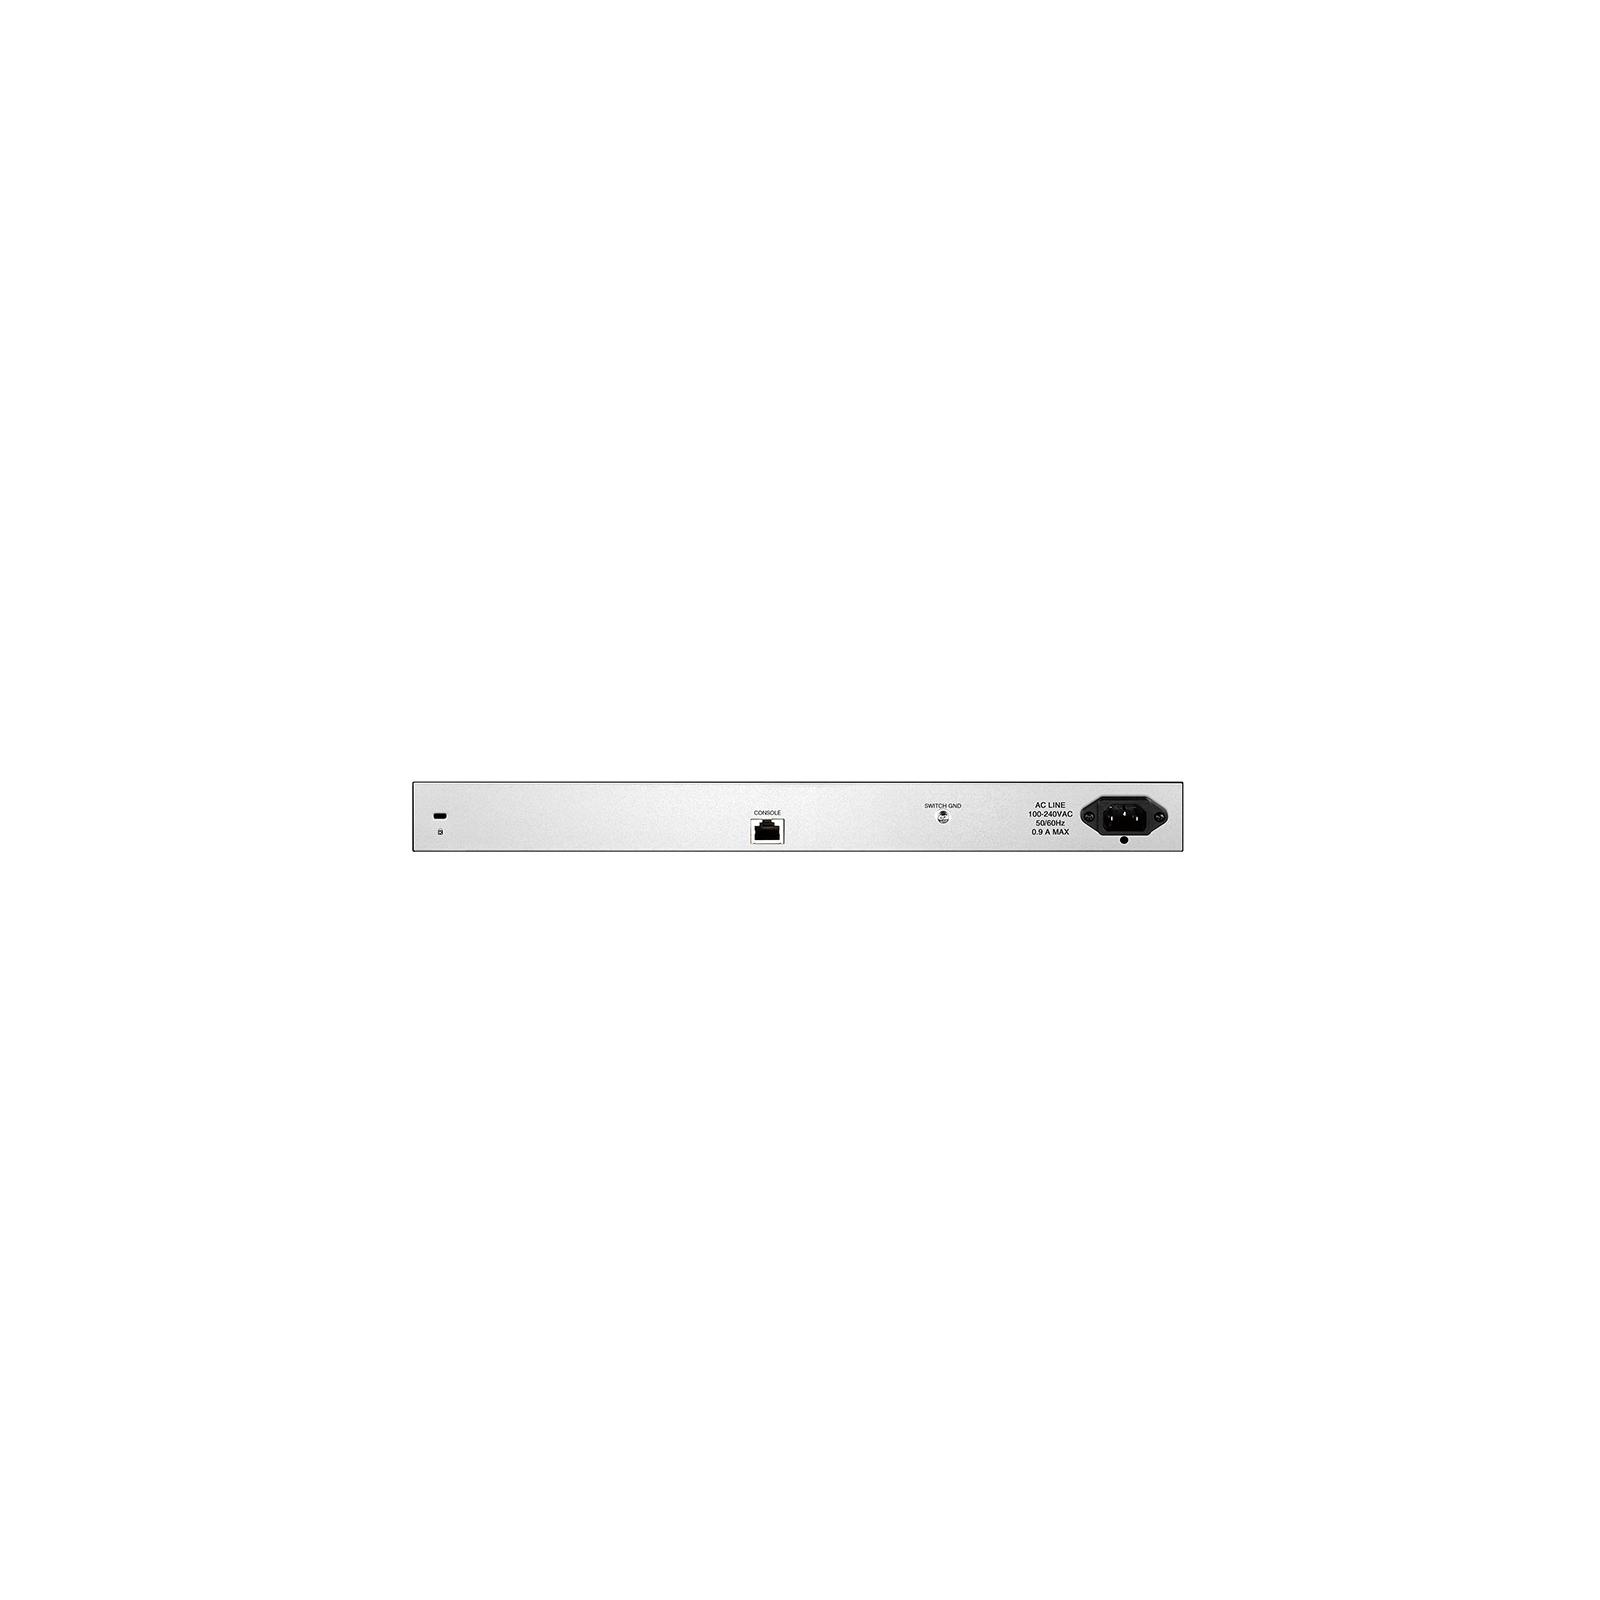 Коммутатор сетевой D-Link DGS-1210-52/ME изображение 2